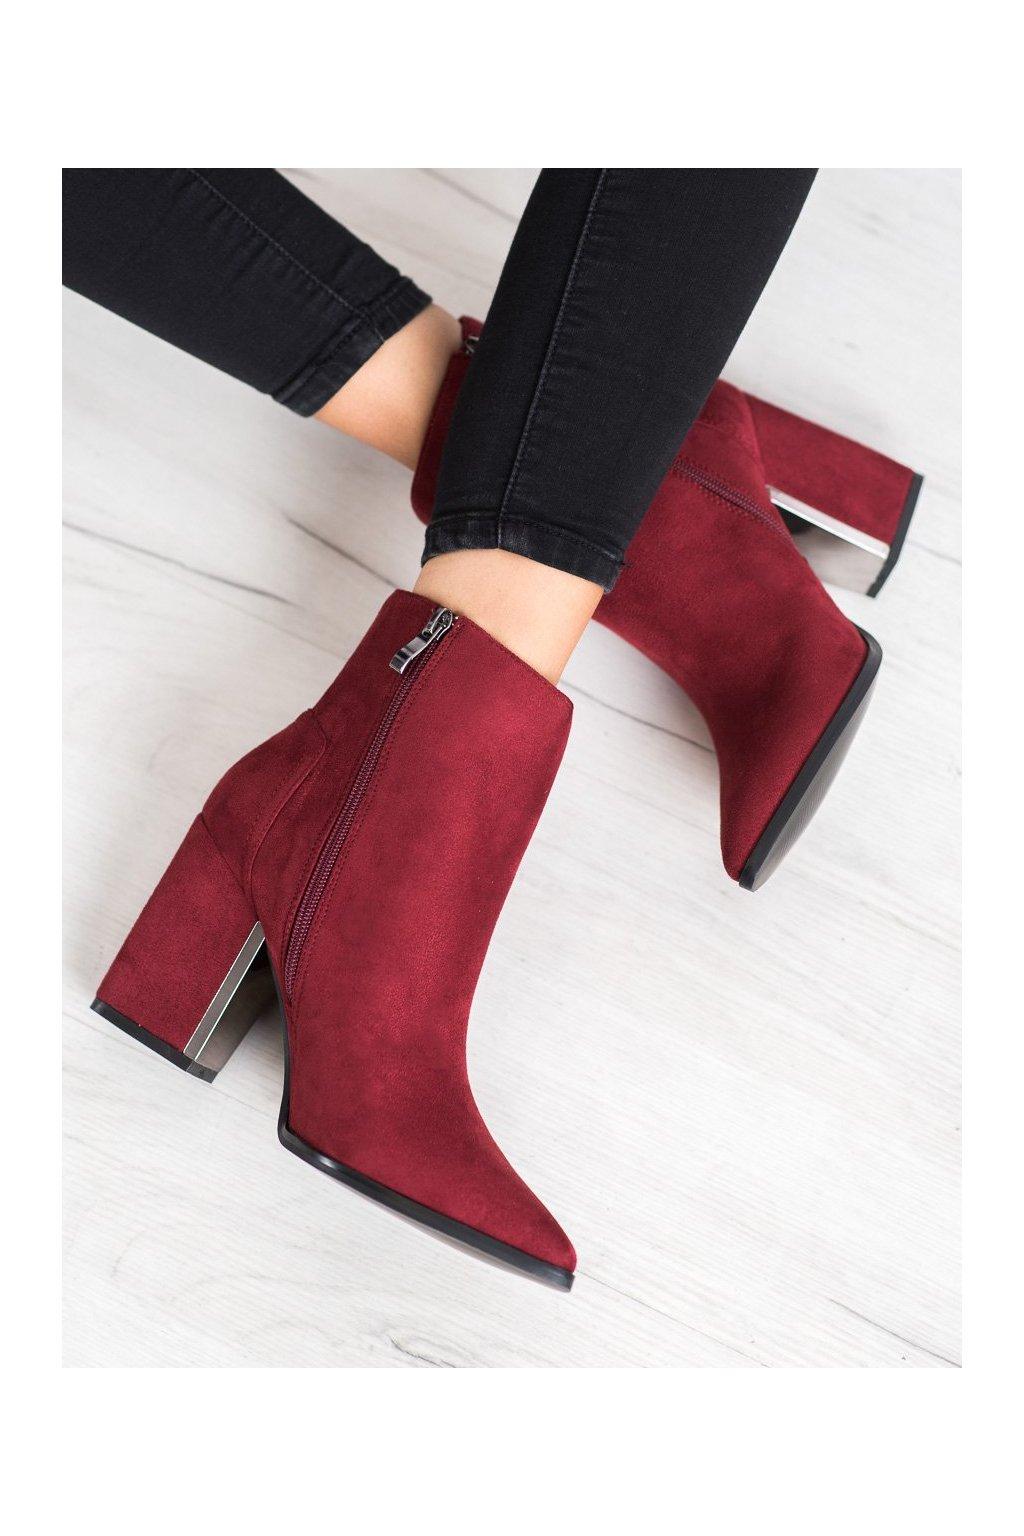 Červené dámske topánky Corina kod C9872BUR